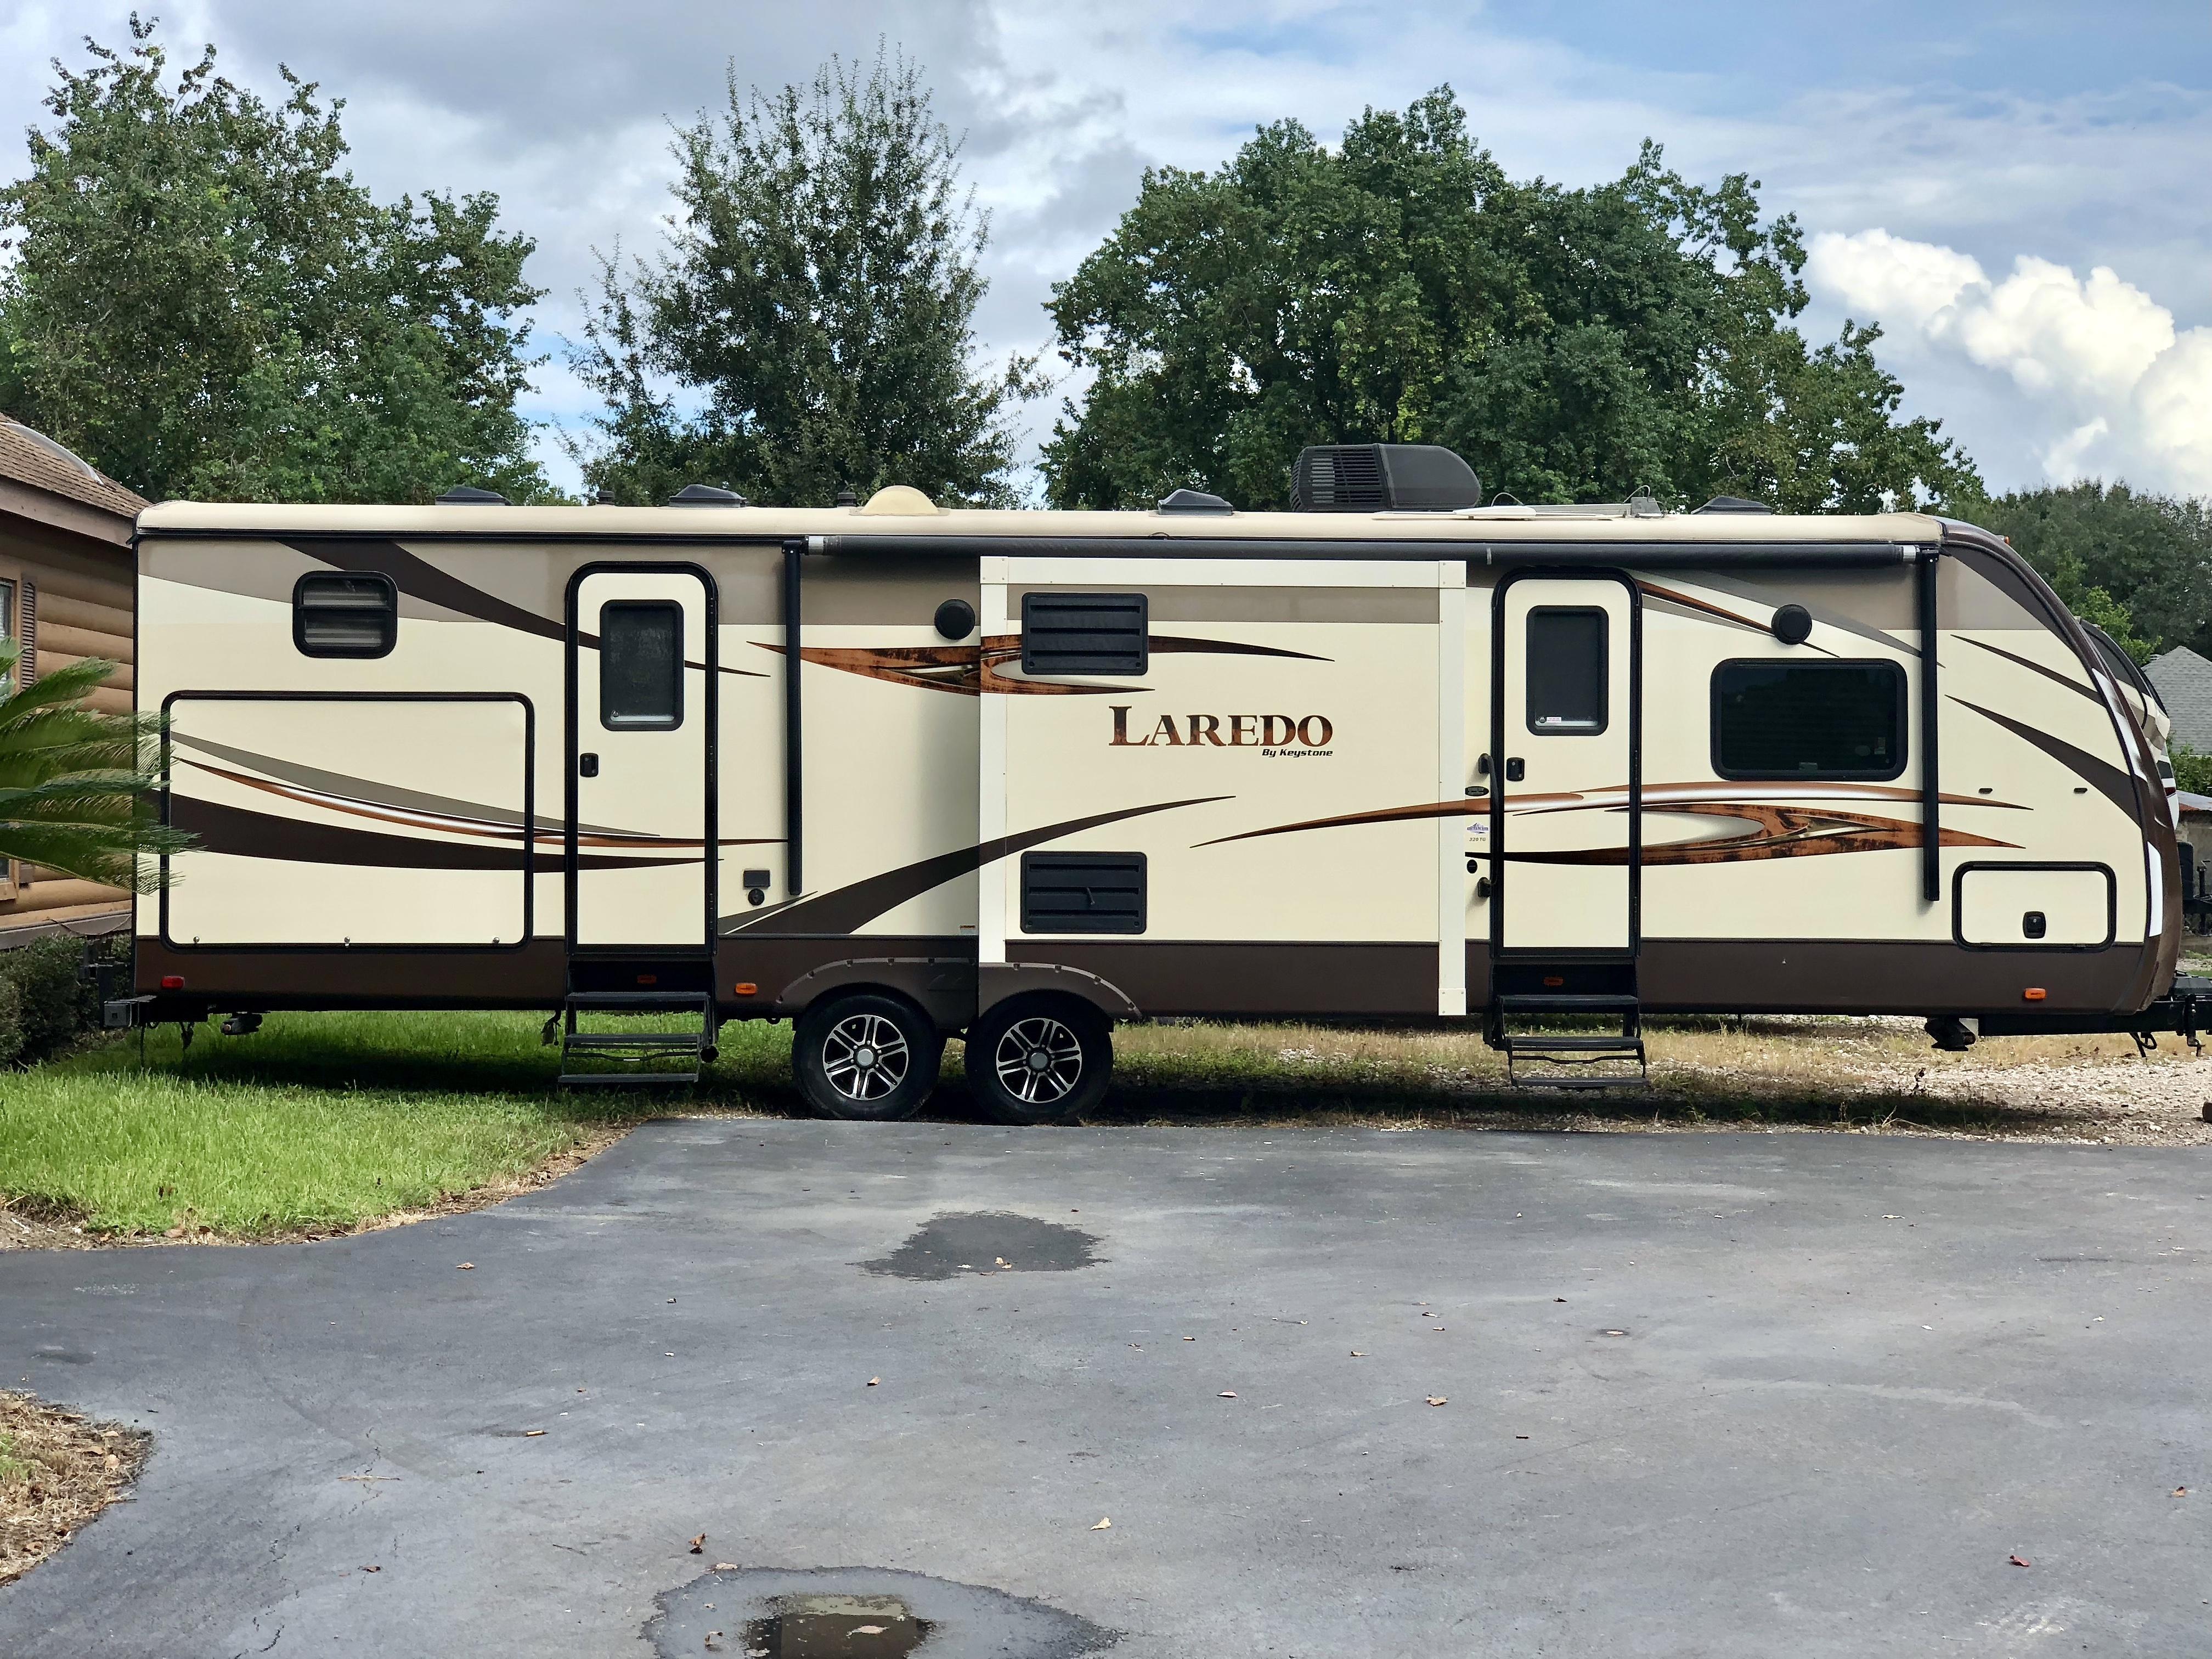 2014 Keystone Laredo M 320tg Travel Trailer Camper